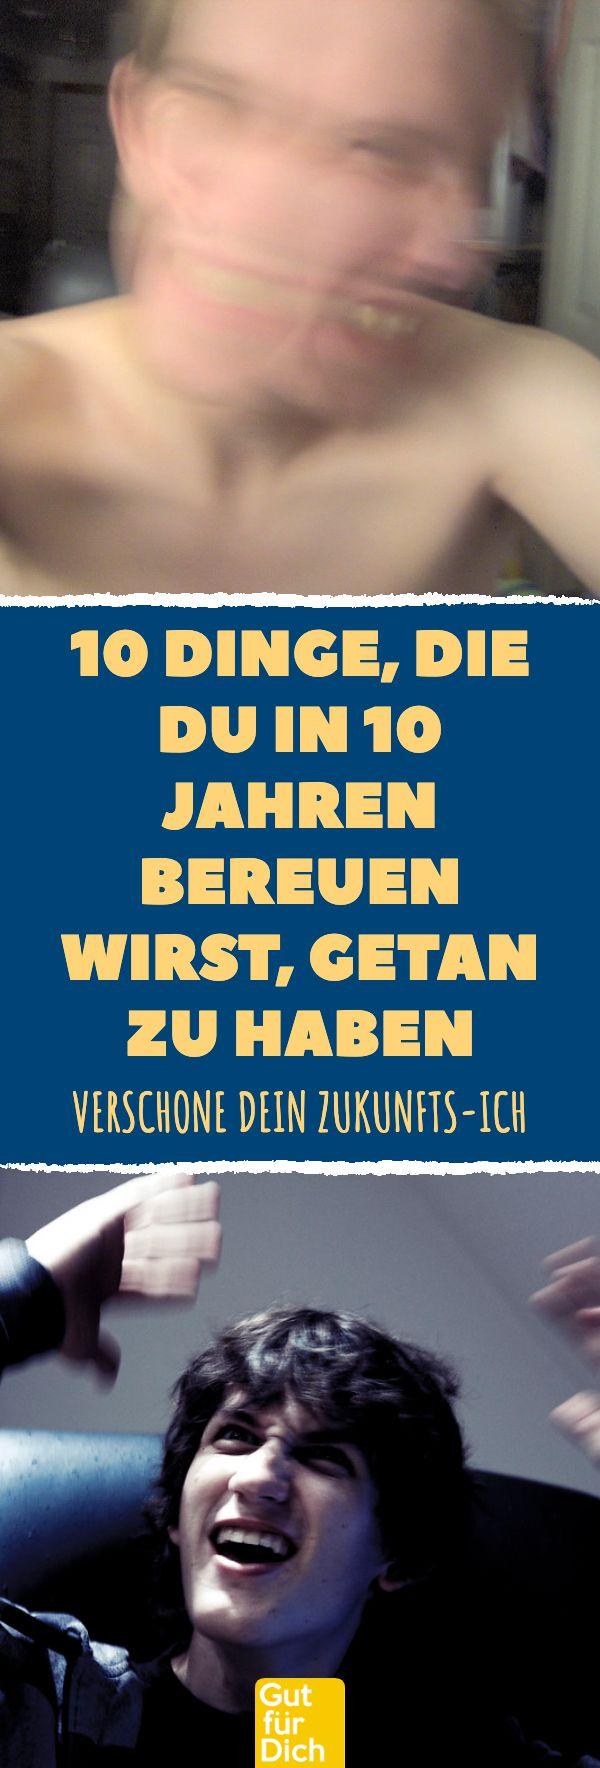 10 Dinge, die du in 10 Jahren bereuen wirst, getan zu haben 10 Dinge, die du in 10 Jahren bereuen wirst, getan zu haben #gesundheit #familie #charakter #eigenschaften #reue #veränderung